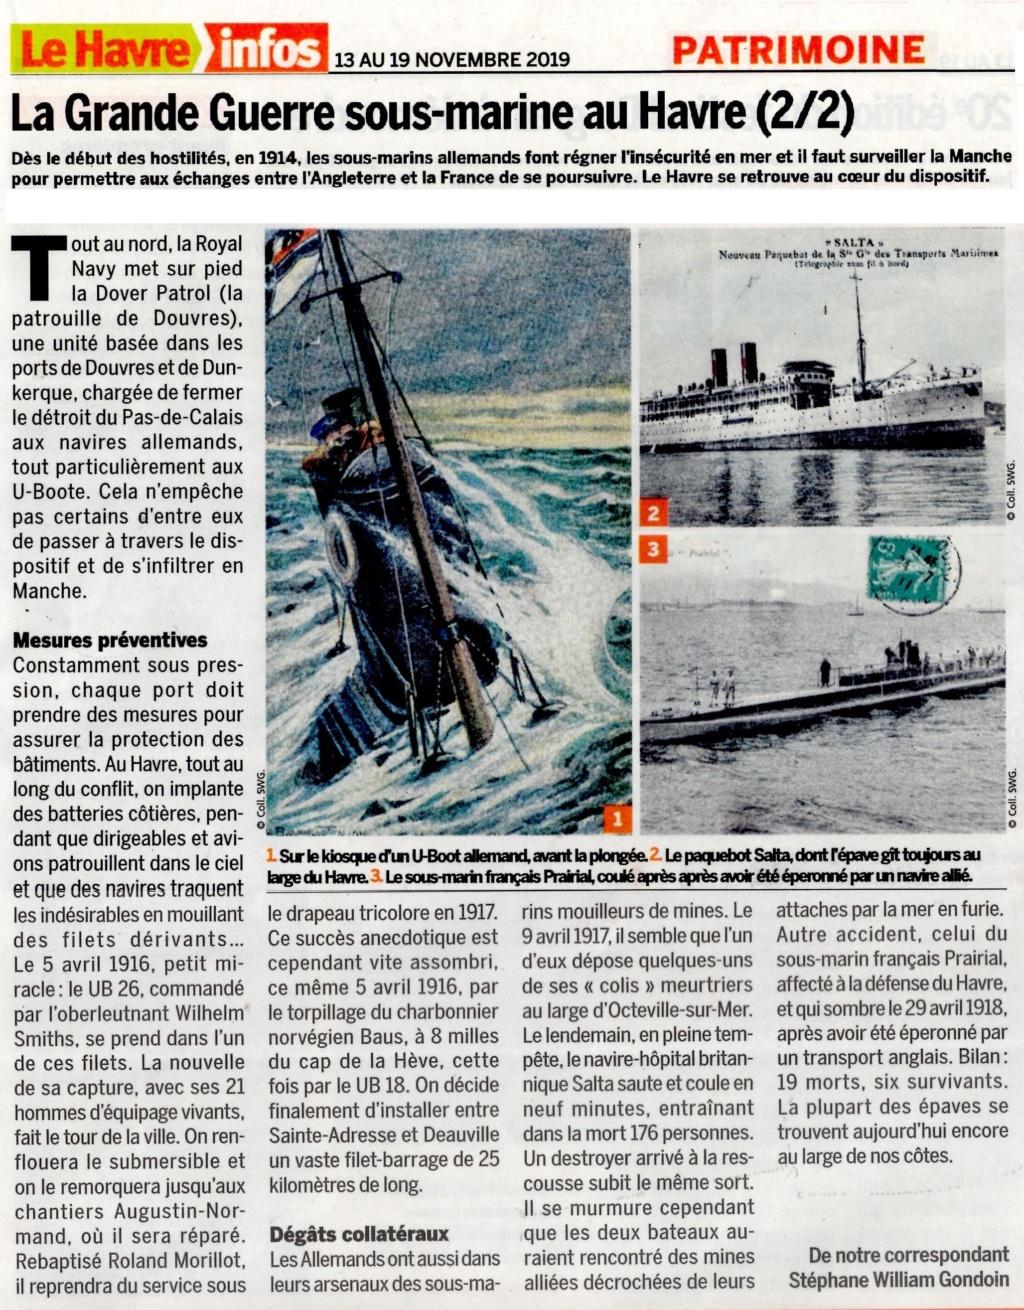 La Grande Guerre sous-marine au Havre 2019-209